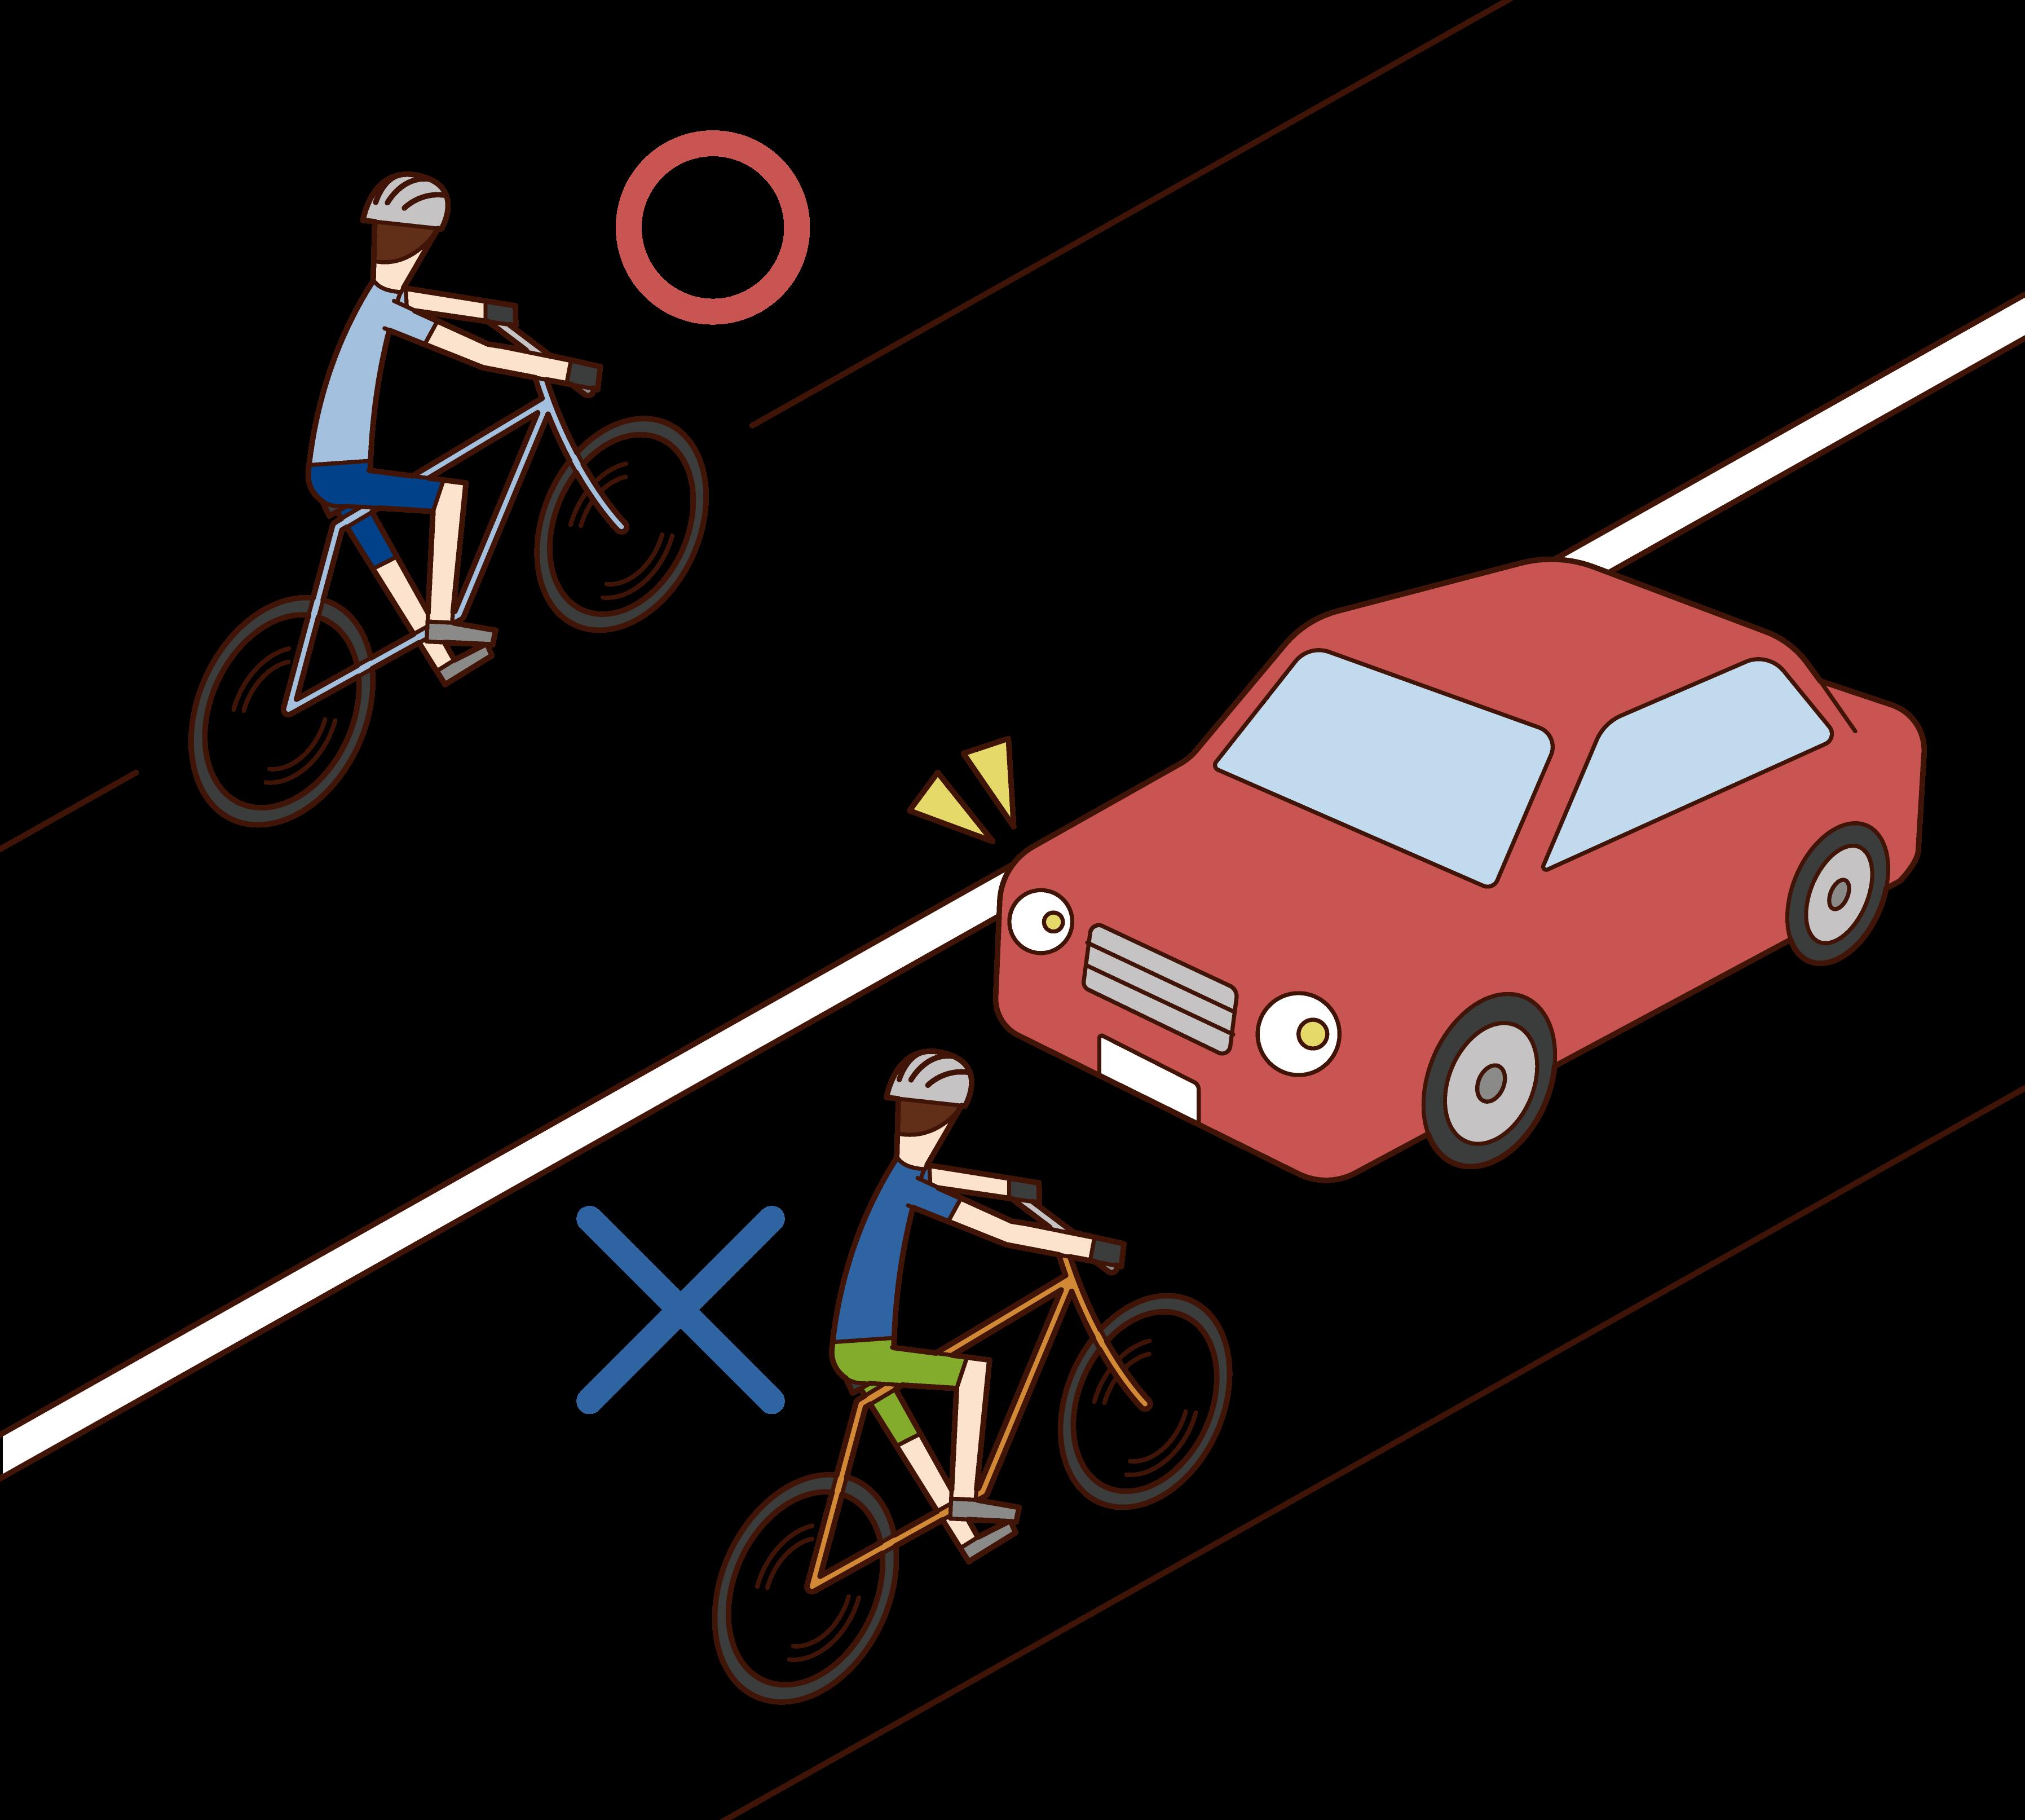 自転車は左側を通行するルールのイラスト